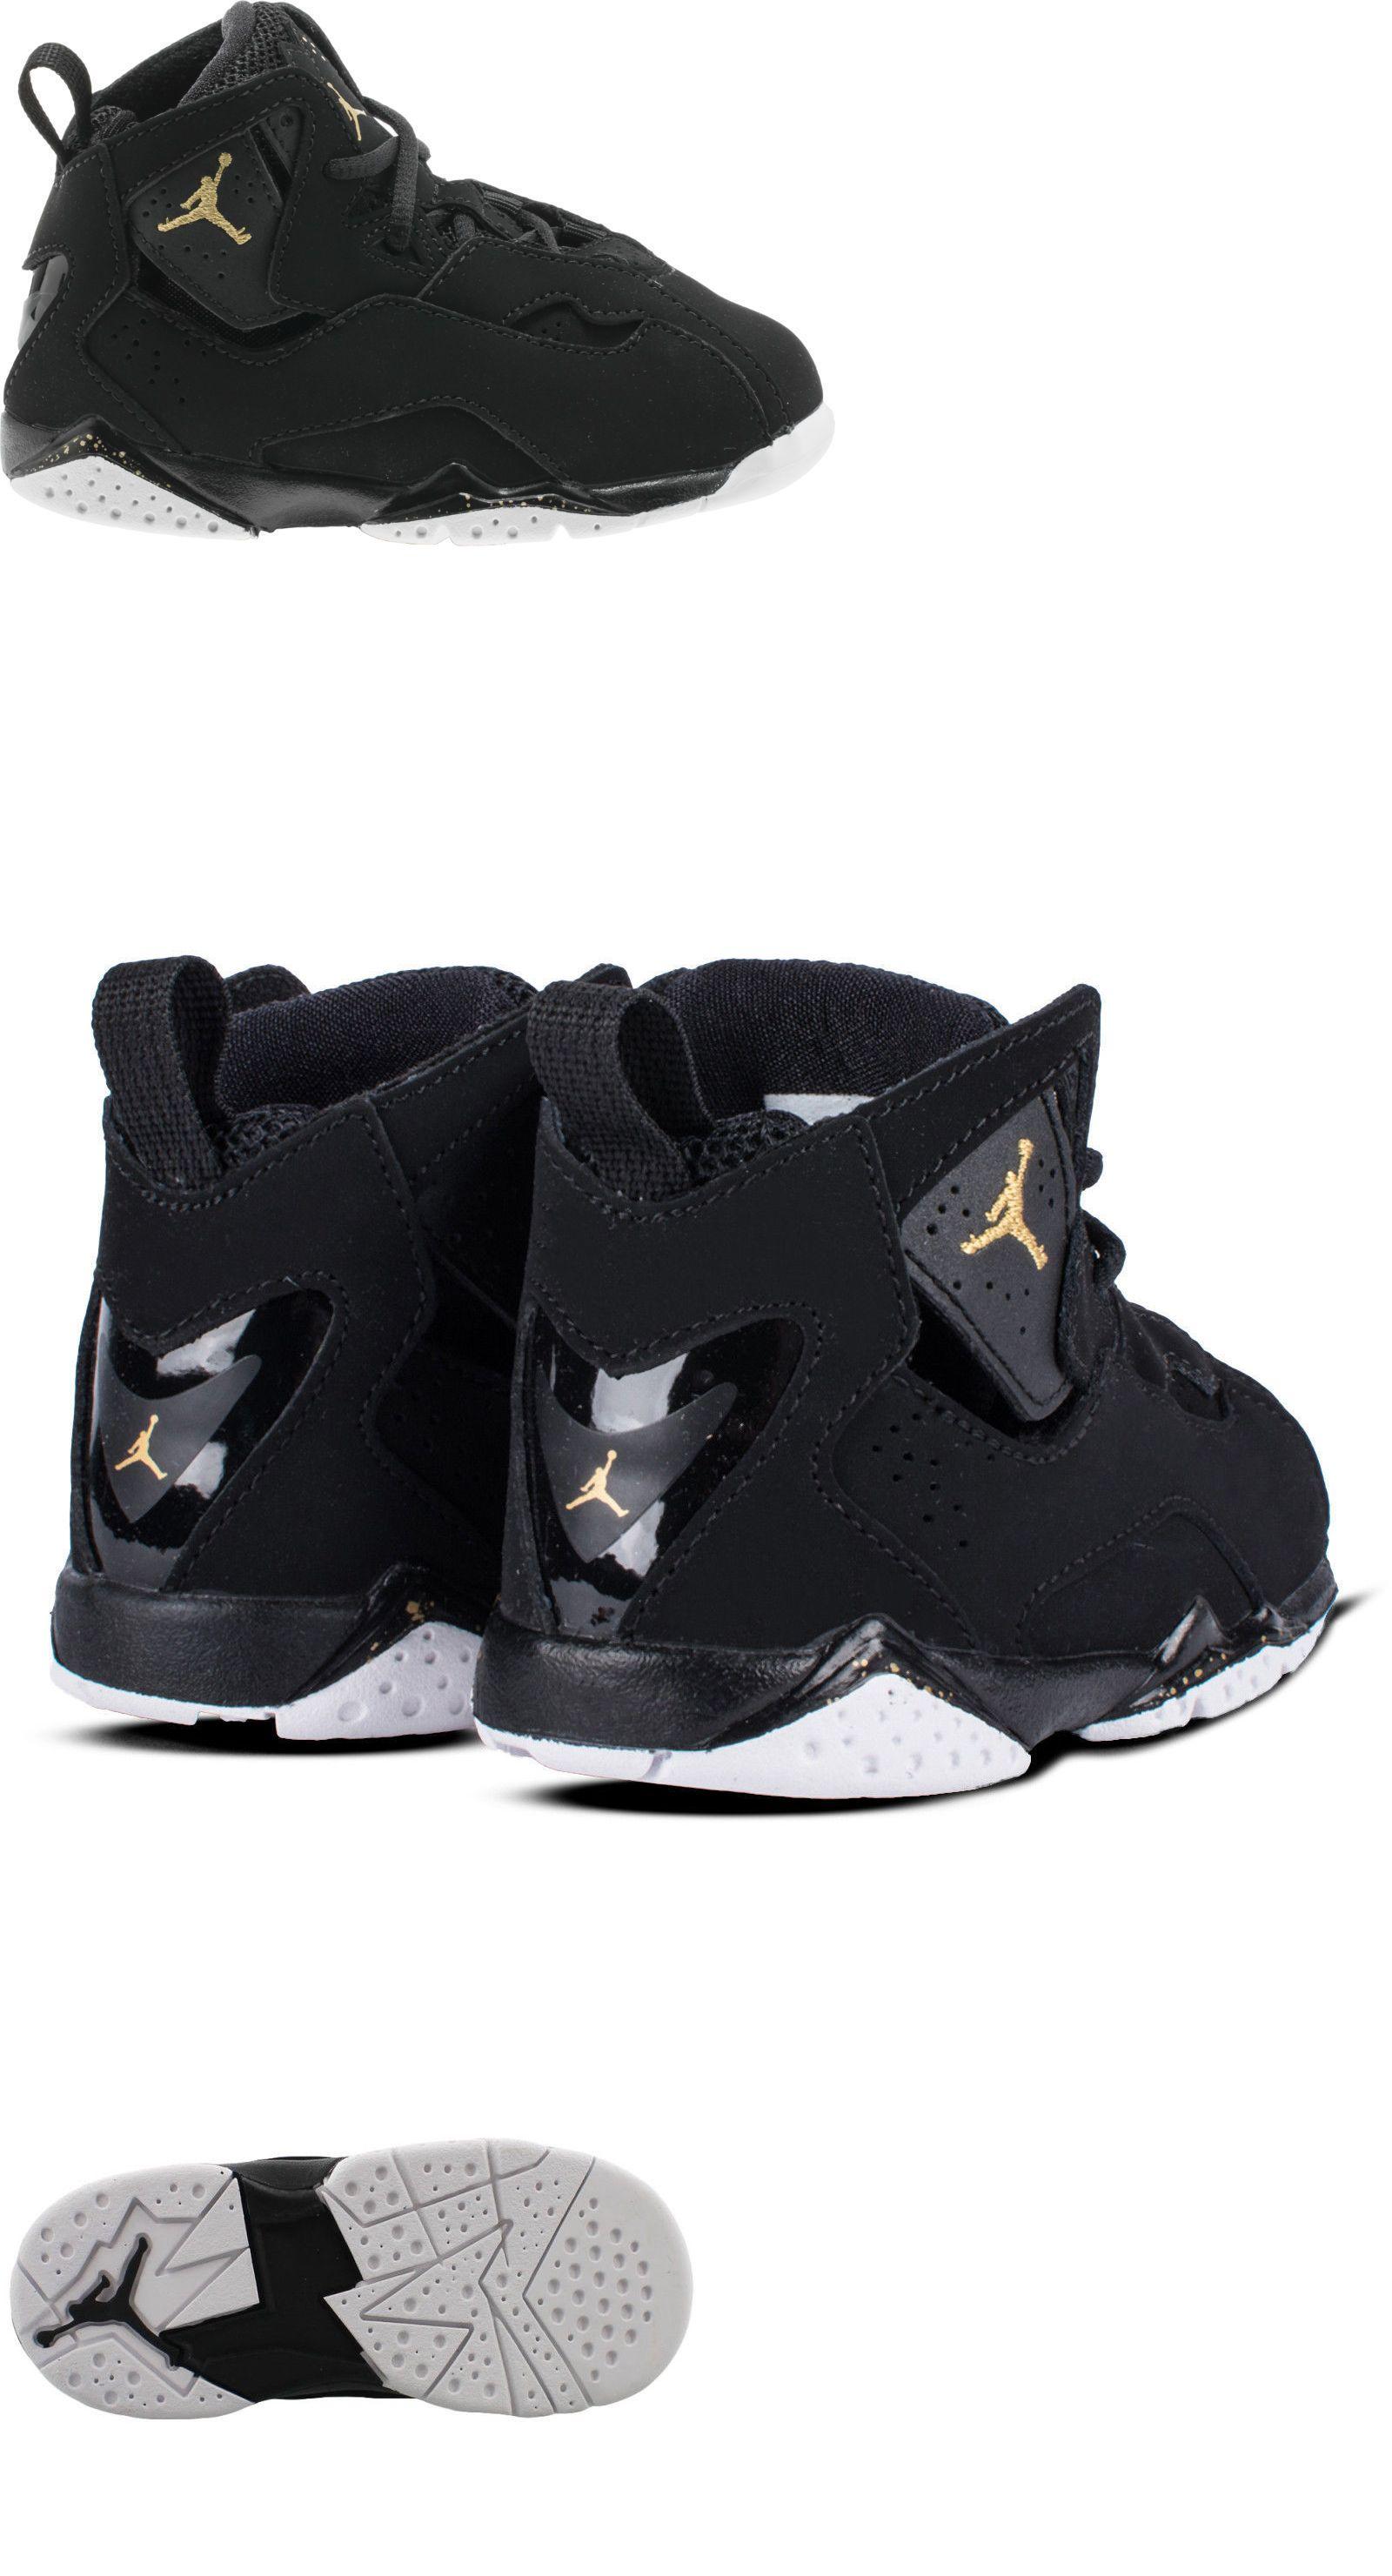 Baby Shoes Air Jordan True Flight Bt 026 Black